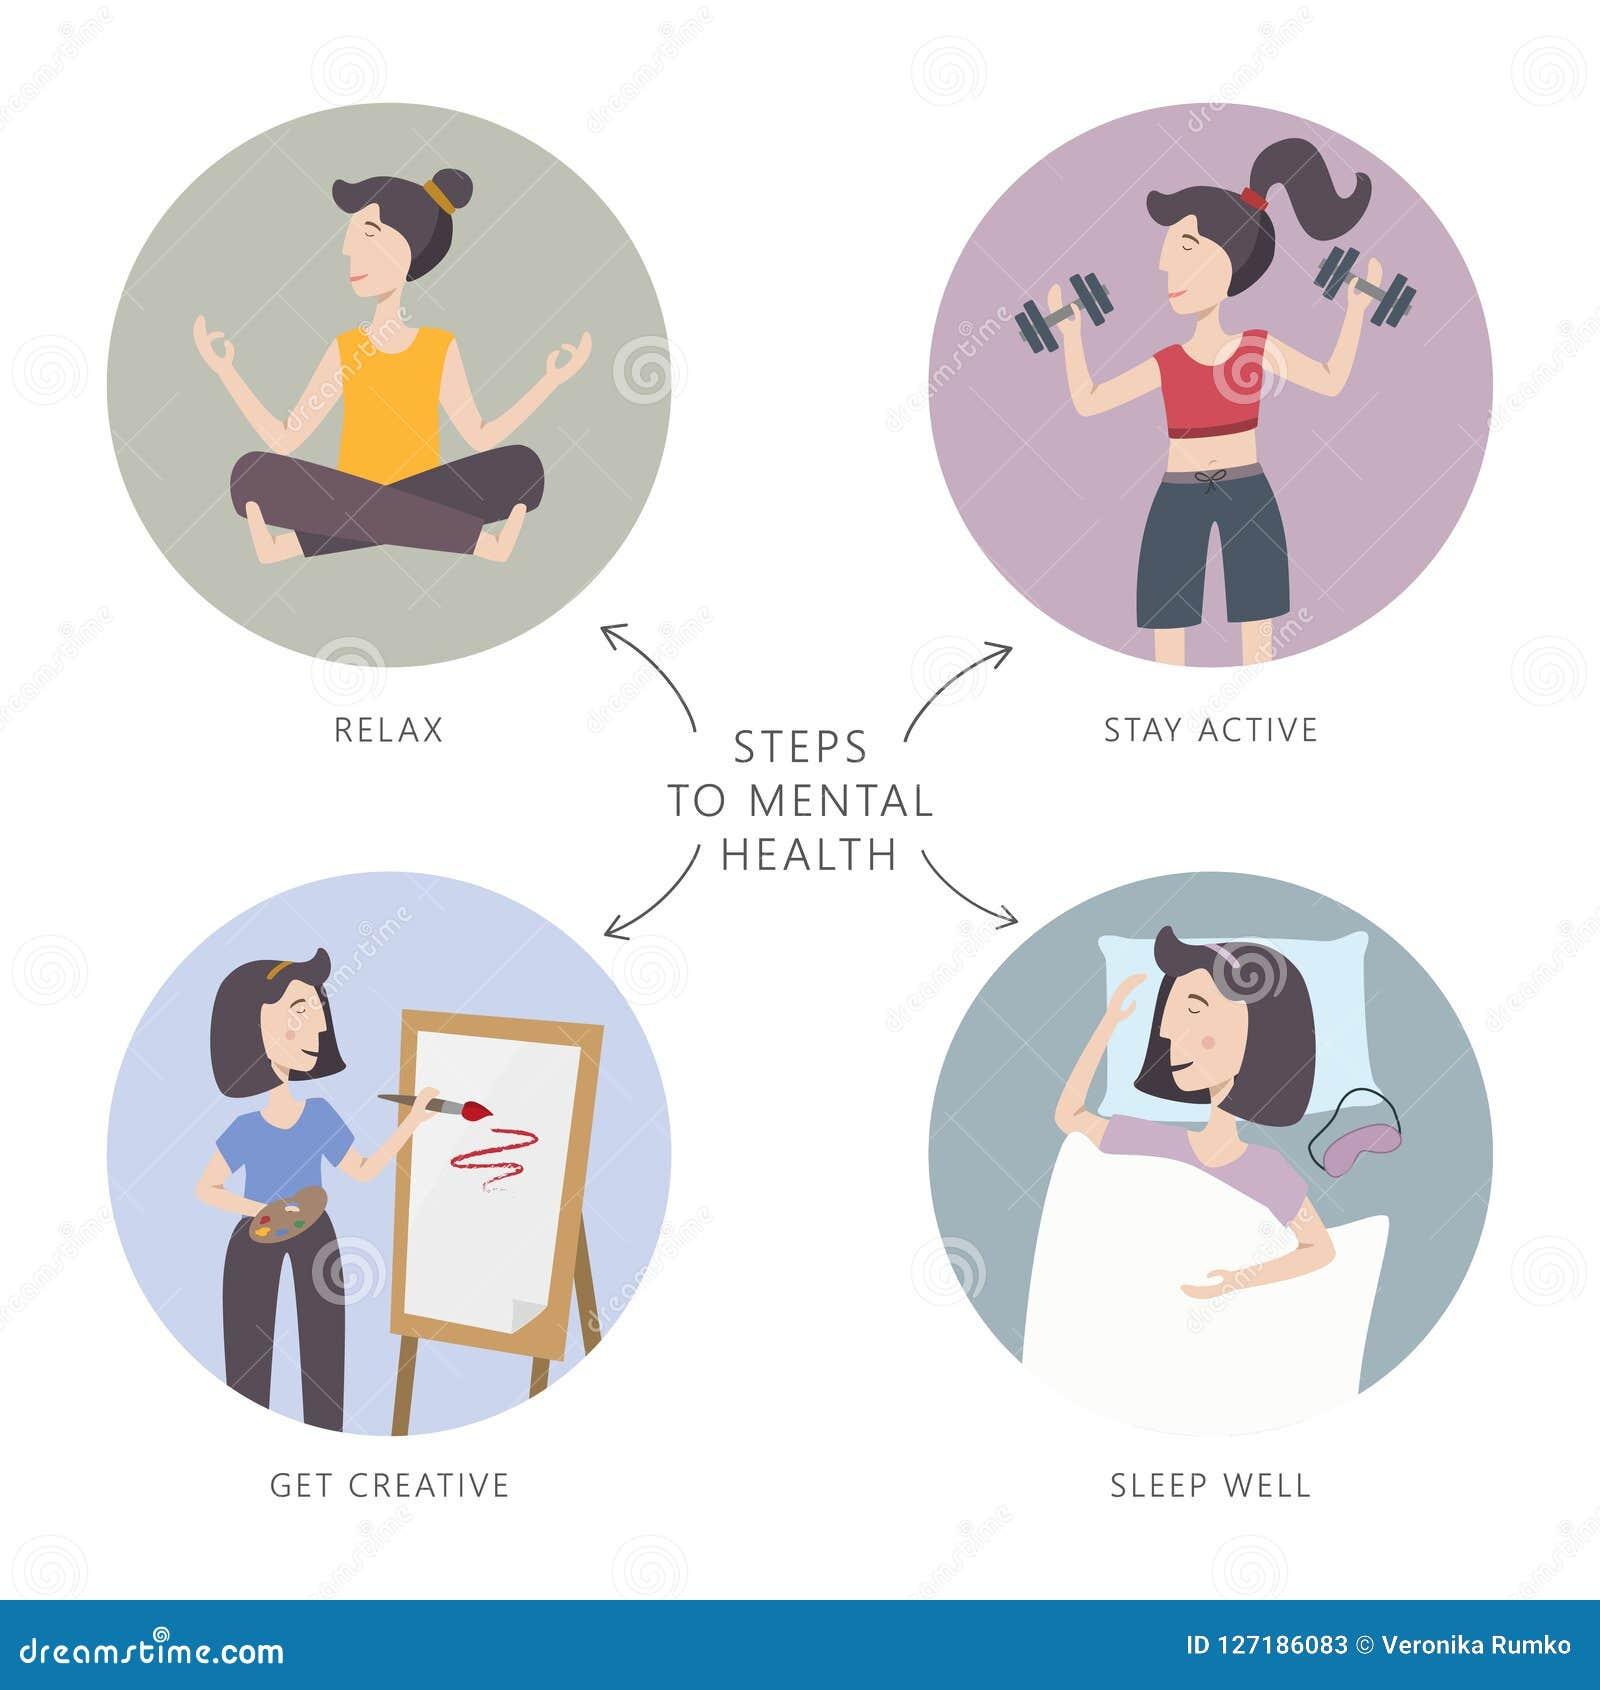 Steps Boosting Mental Health: Mental Health Care Vector Illustration. Steps To Mental